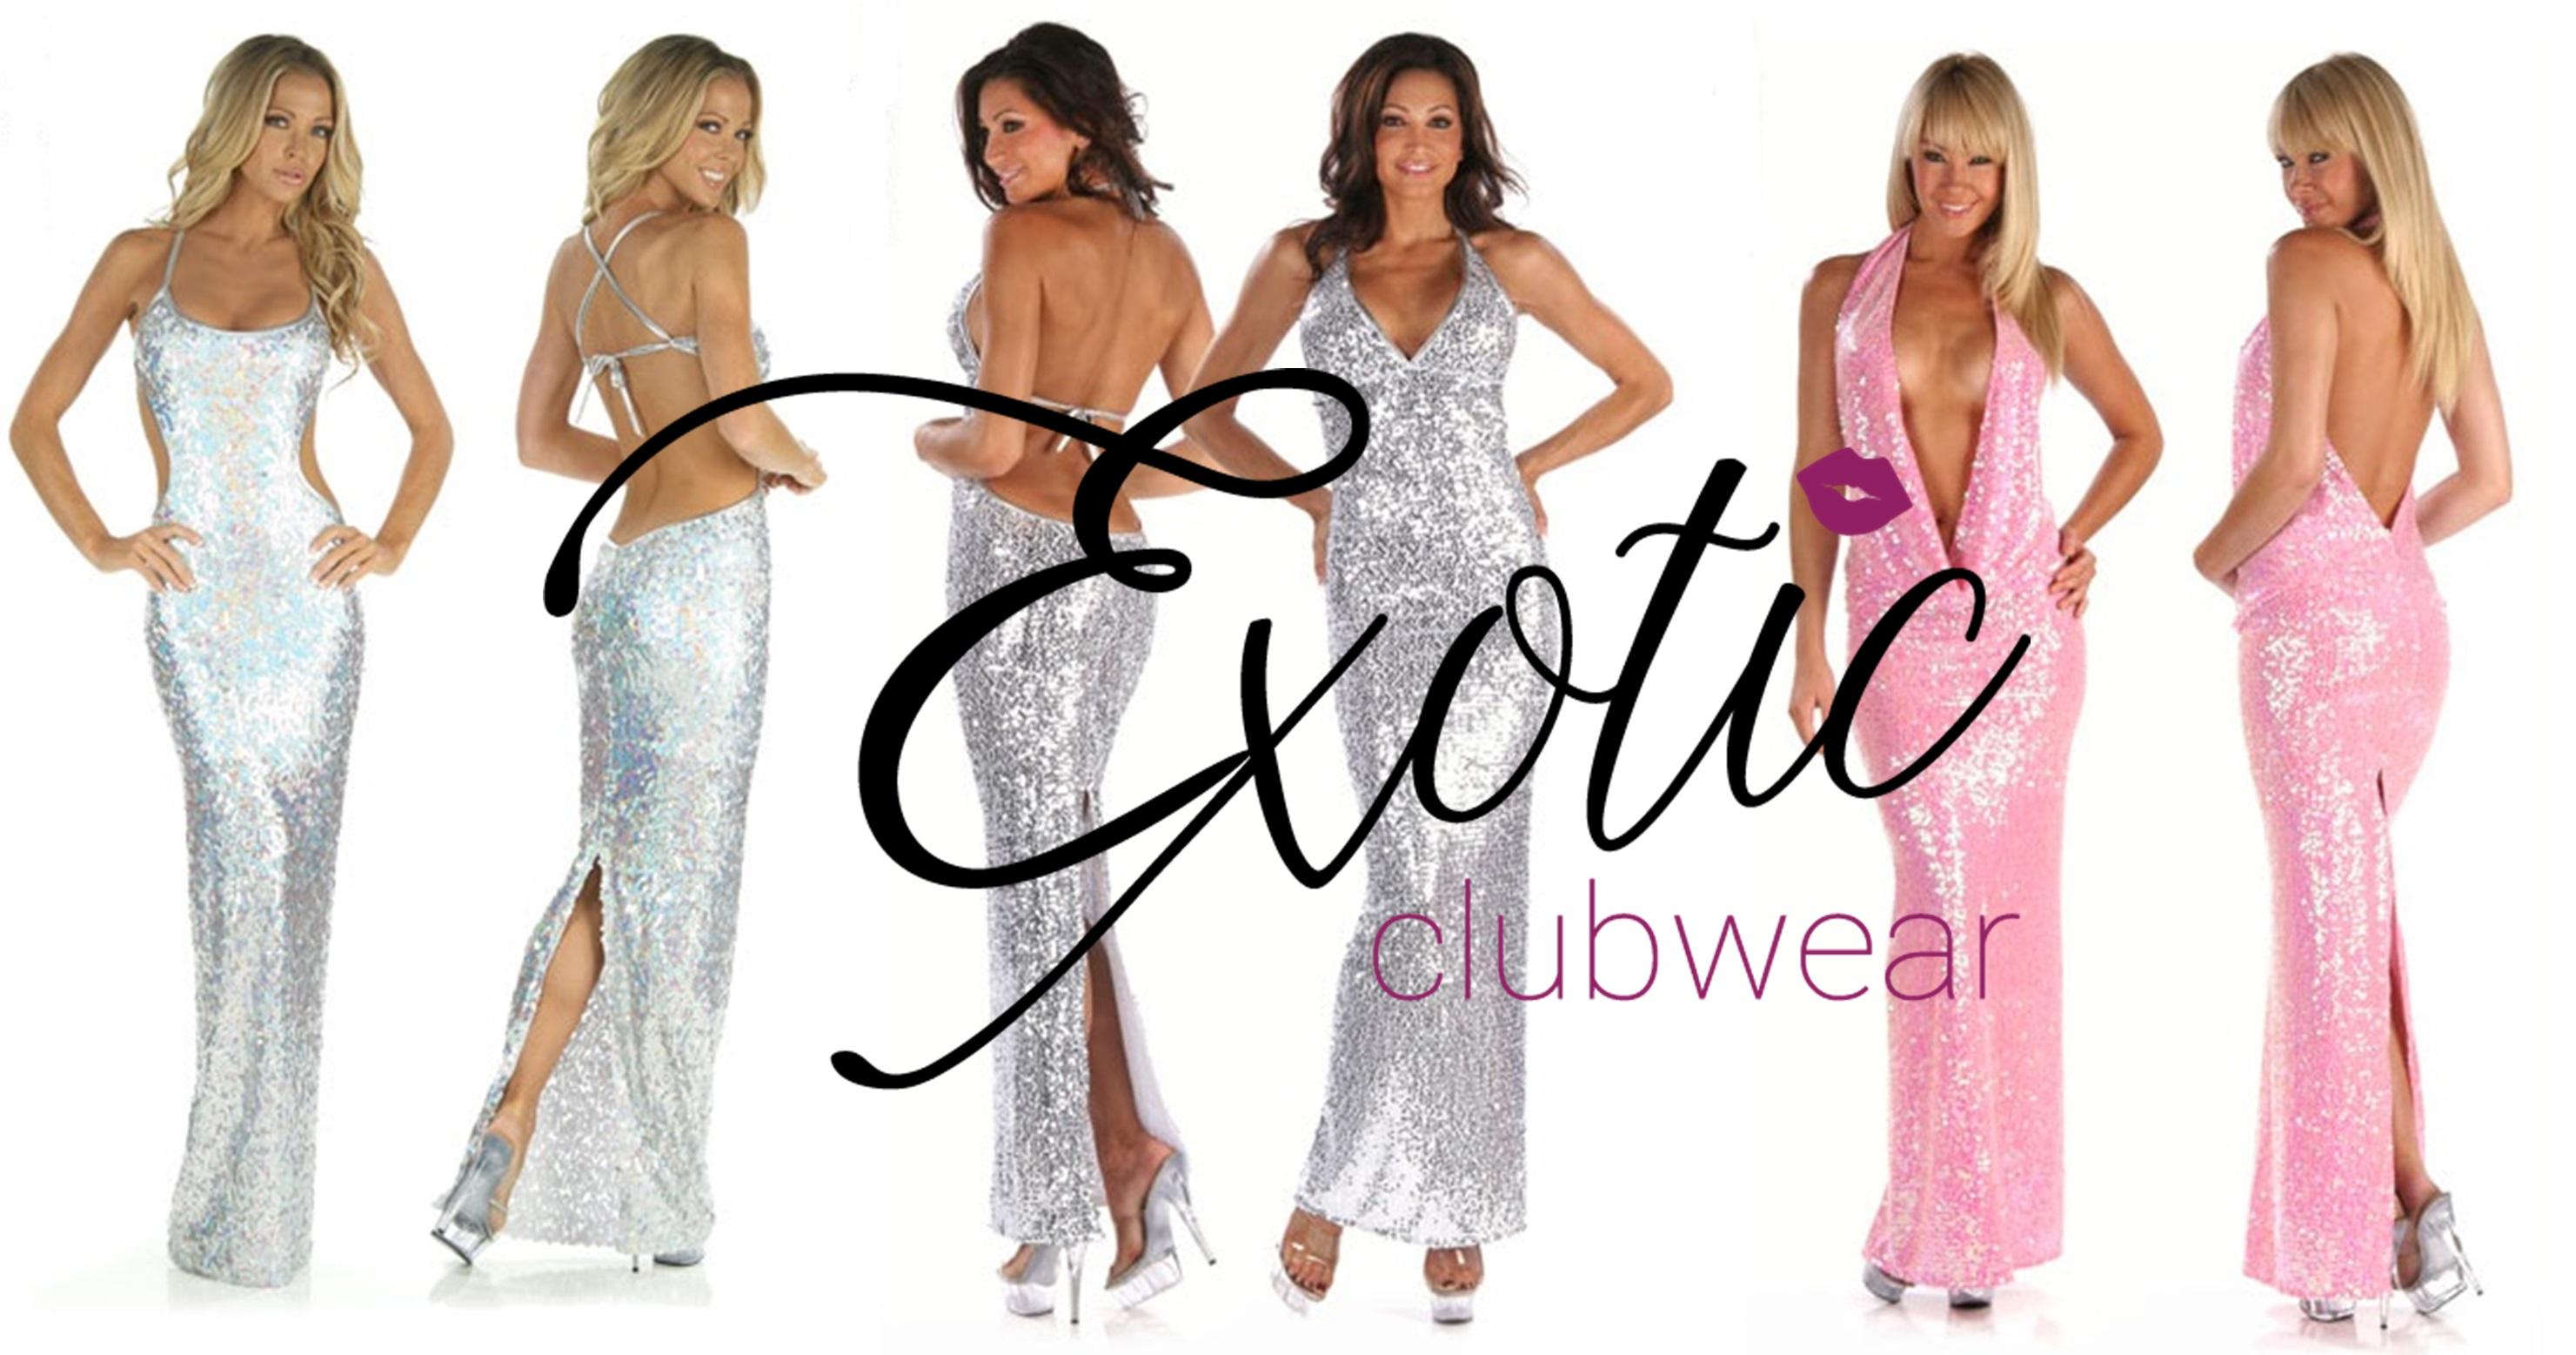 Exotic Club Wear 4